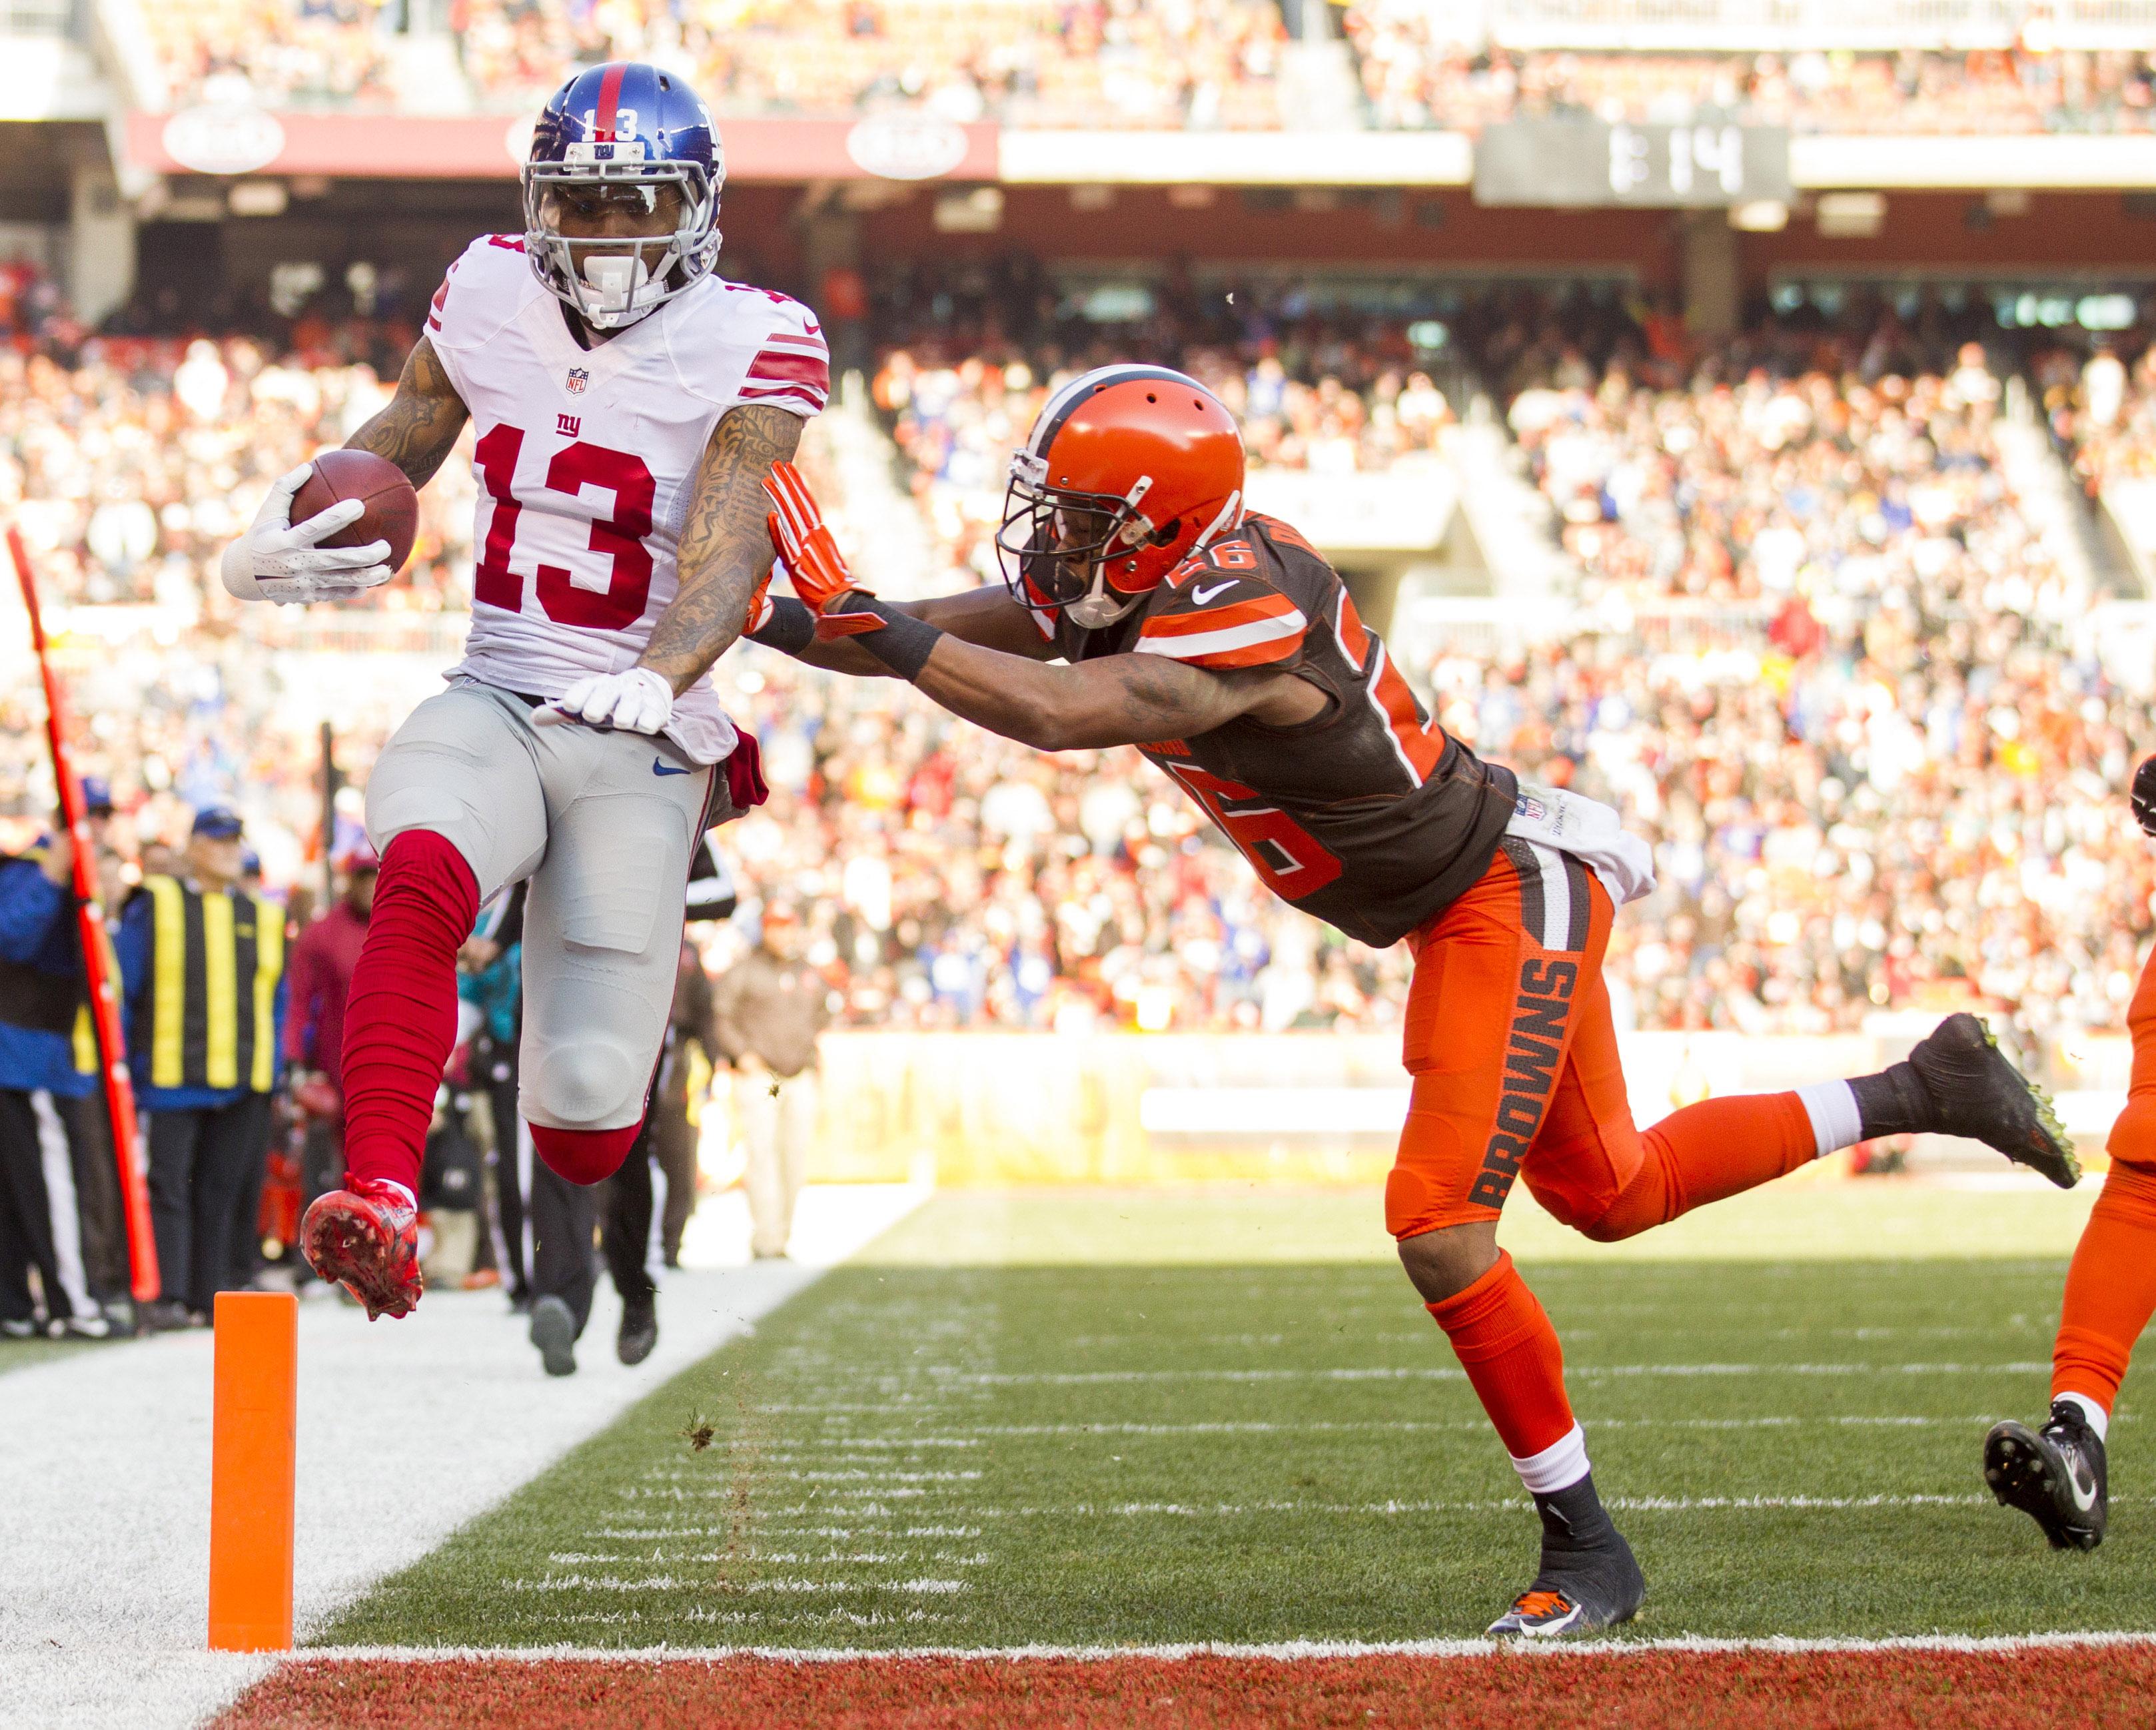 Odell Beckham Jr. scores a first-half touchdown.